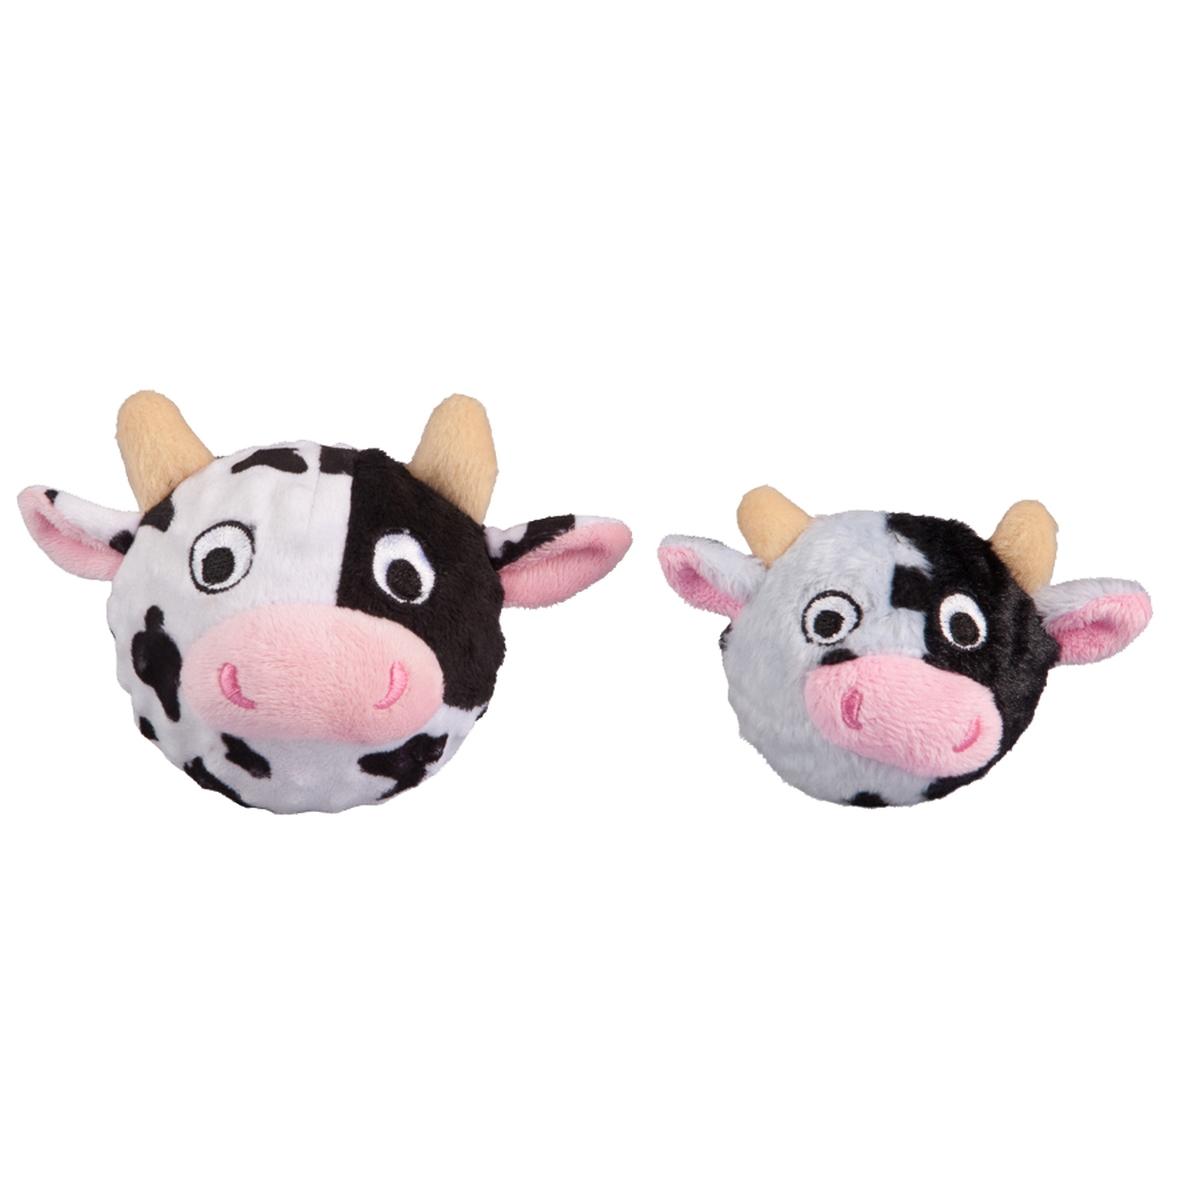 FD COW FABALL S 00001